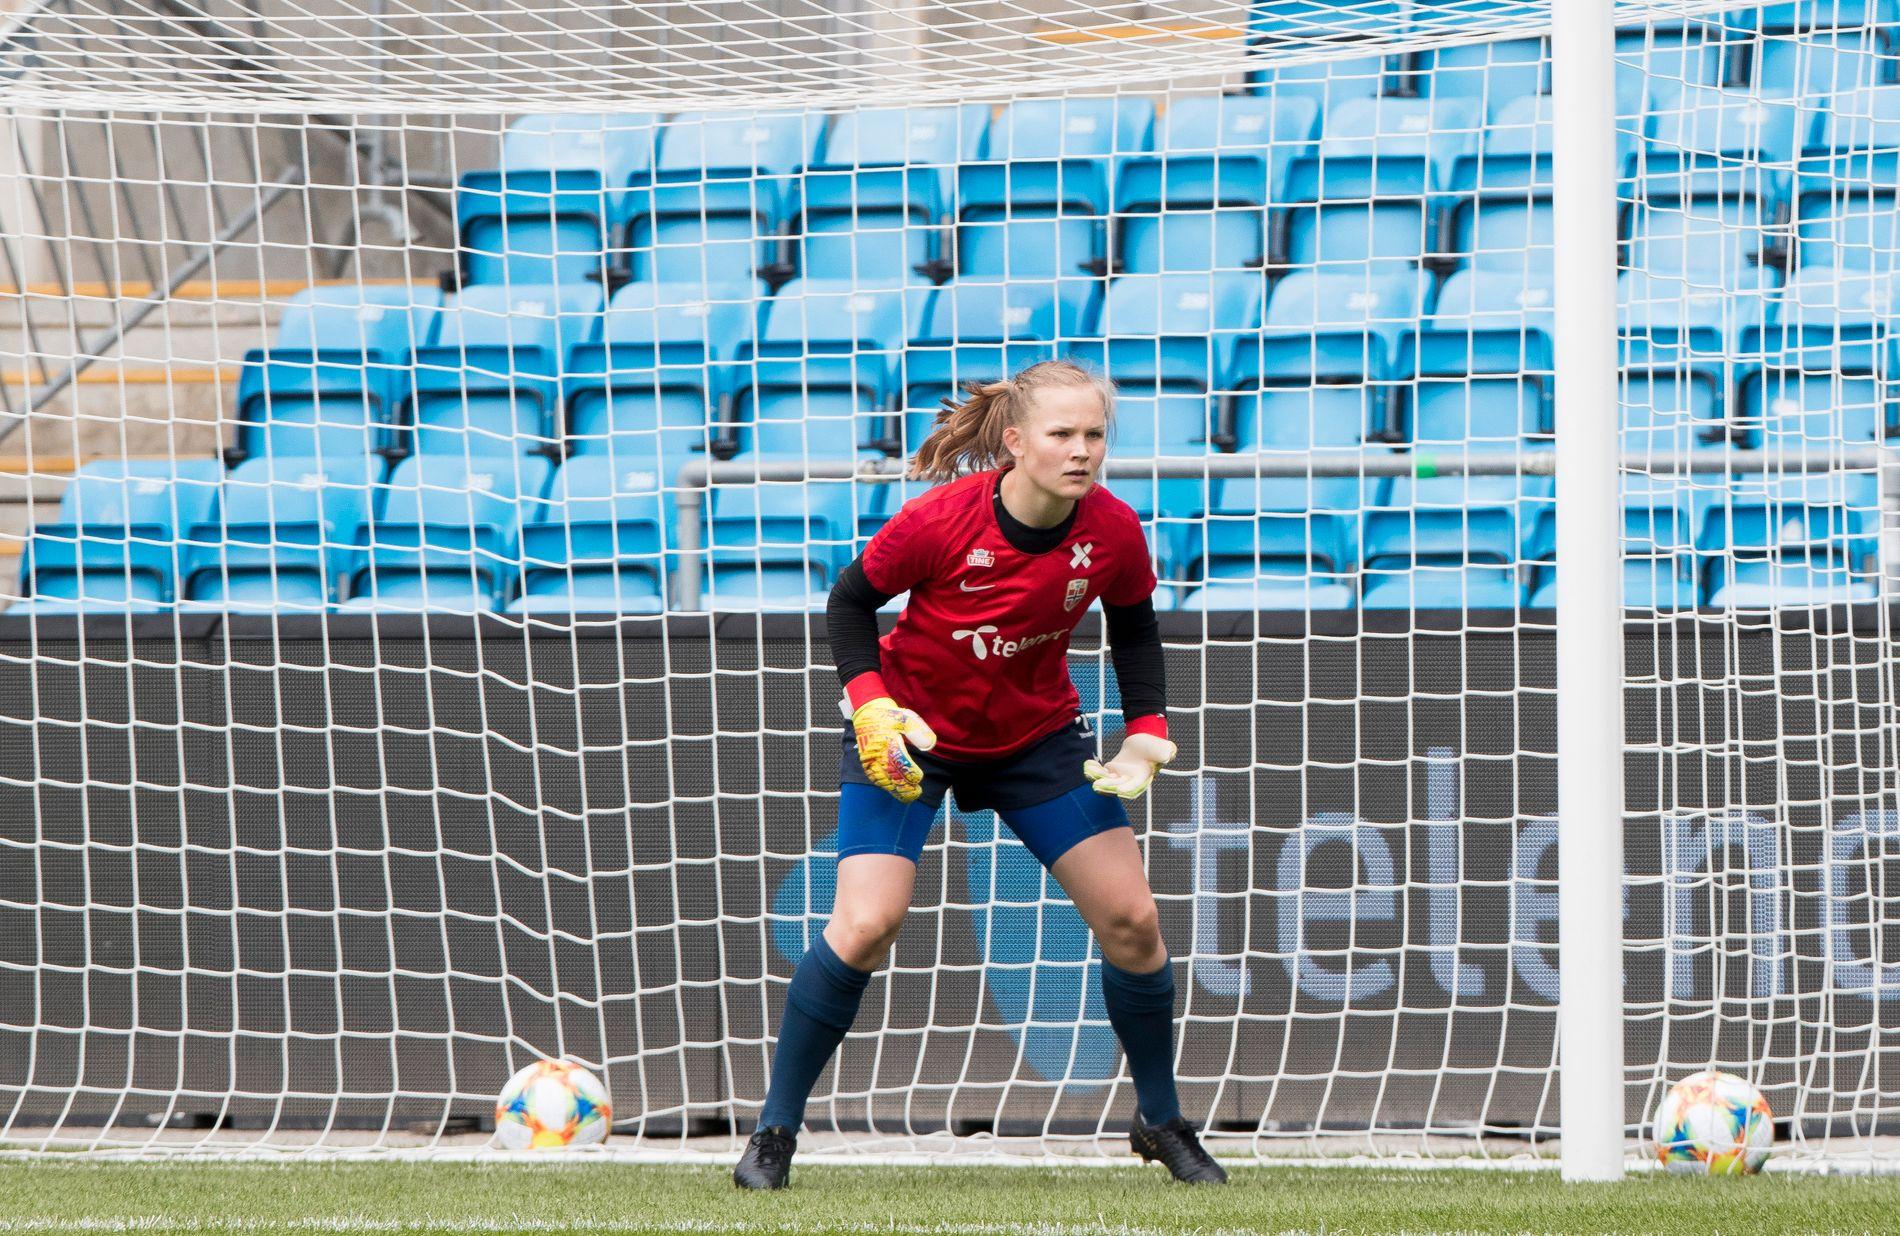 Oda Bogstad i aksjon mellom stengene under kvinnelandslagets VM-oppkjøringsleir. Tredjekeeperen gjør seg klar til sitt annet sluttspill med Norge selv om hun ennå ikke har debutert på landslaget.